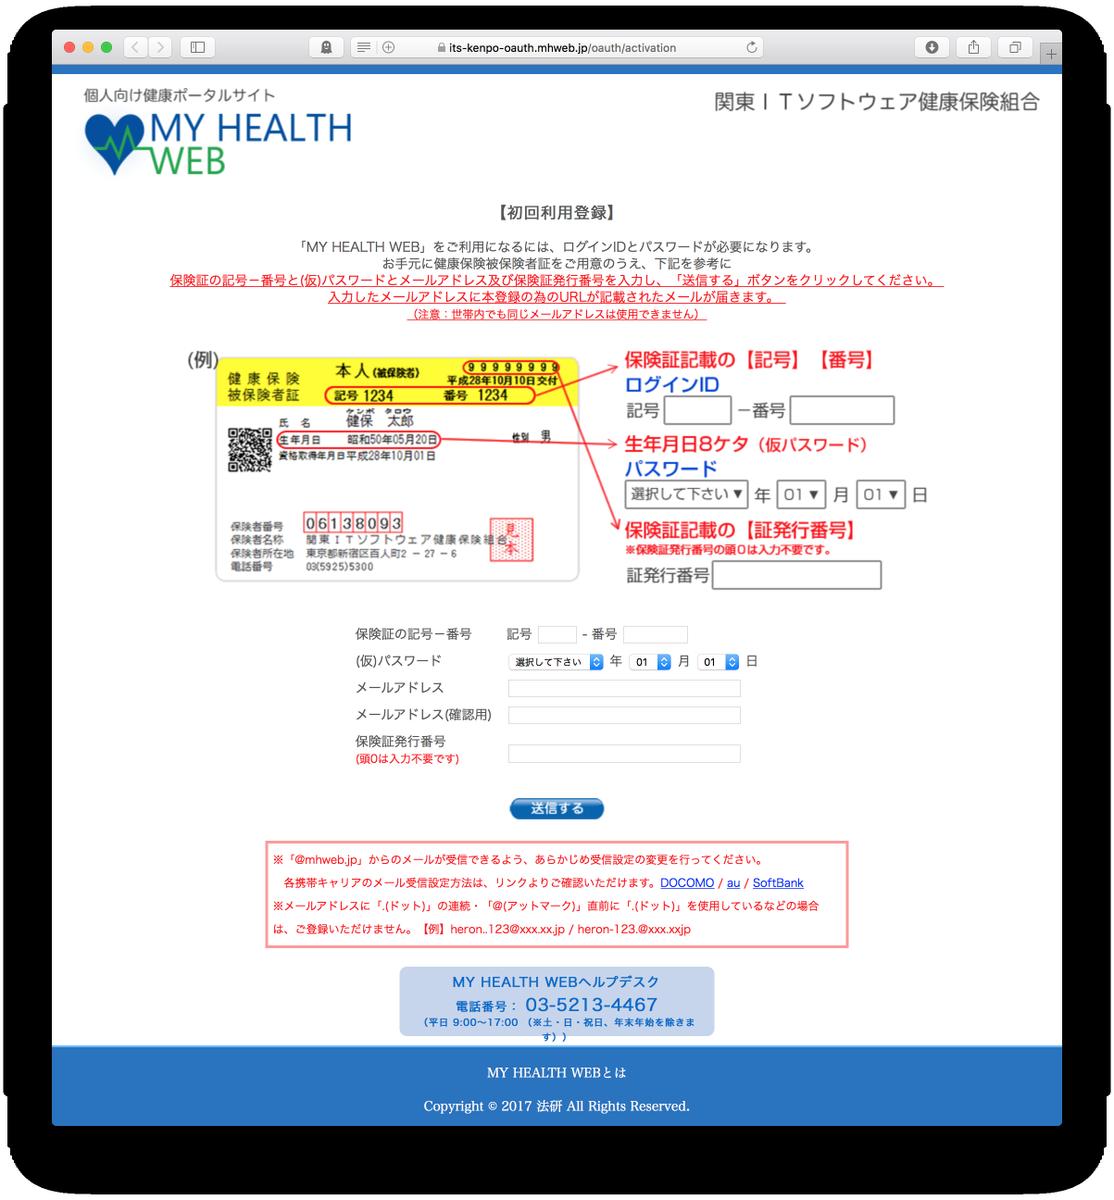 健康 保険 組合 日立